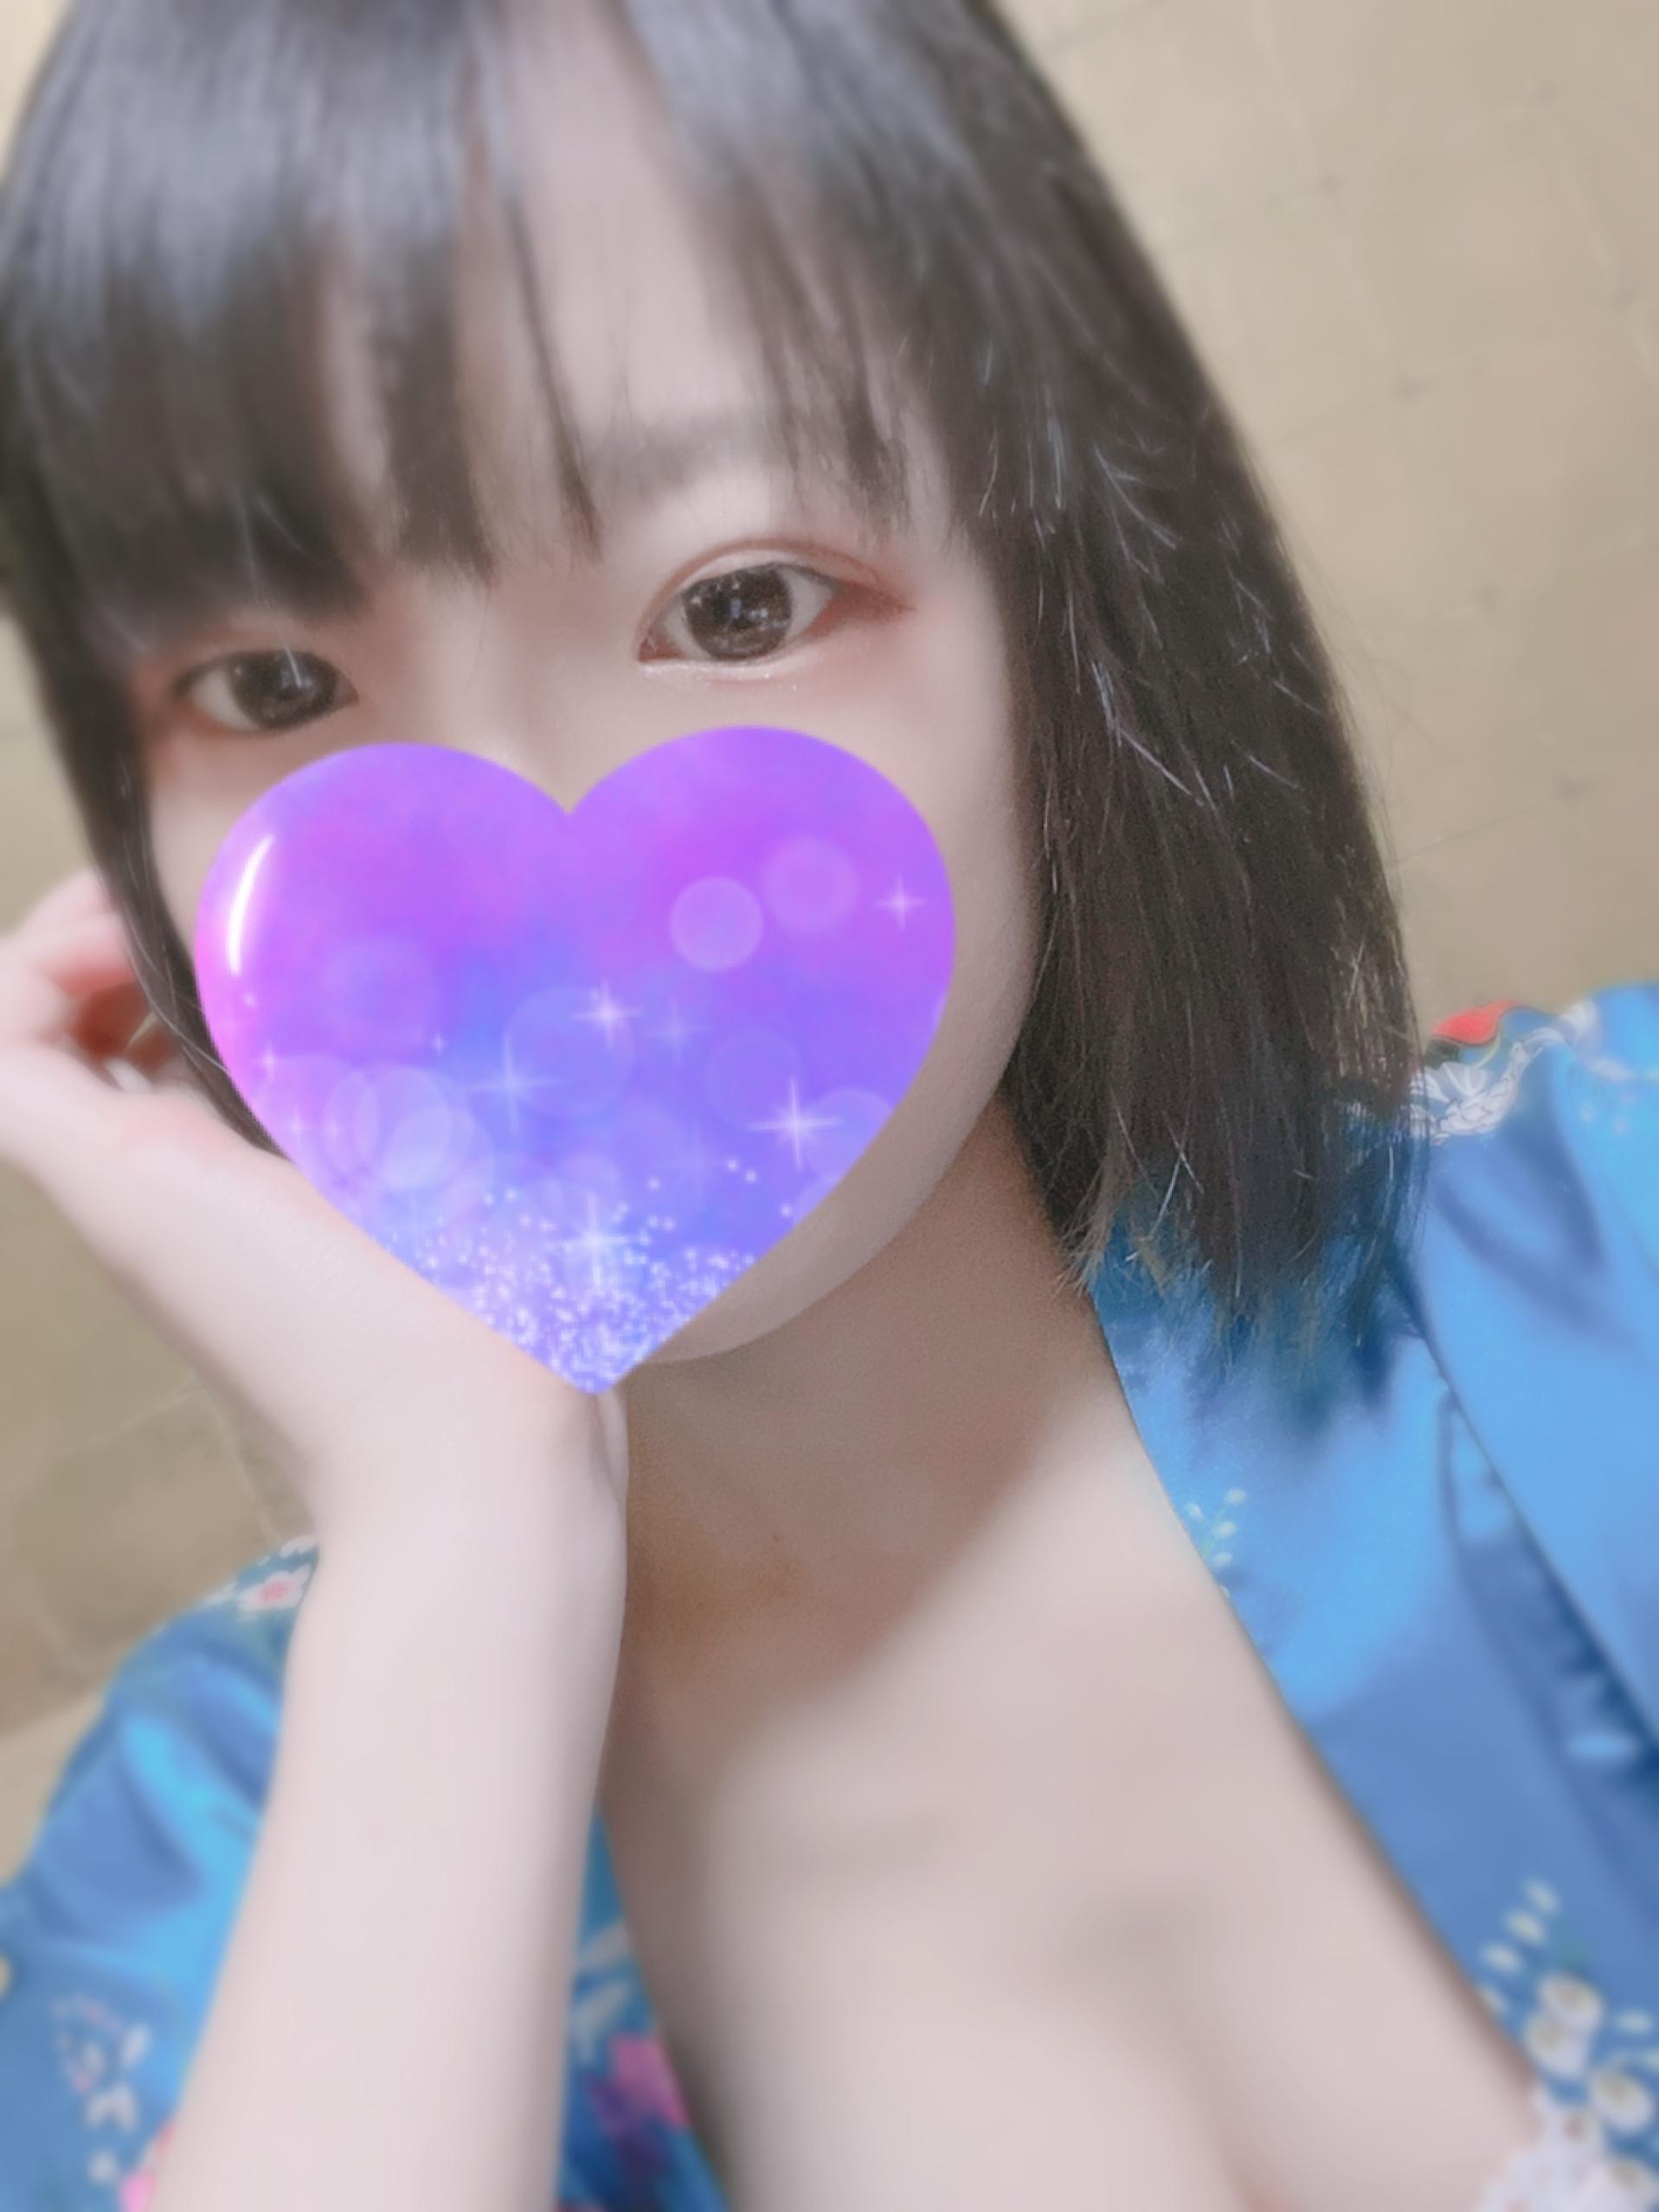 「ねねね」05/09(日) 18:26 | るりの写メ・風俗動画